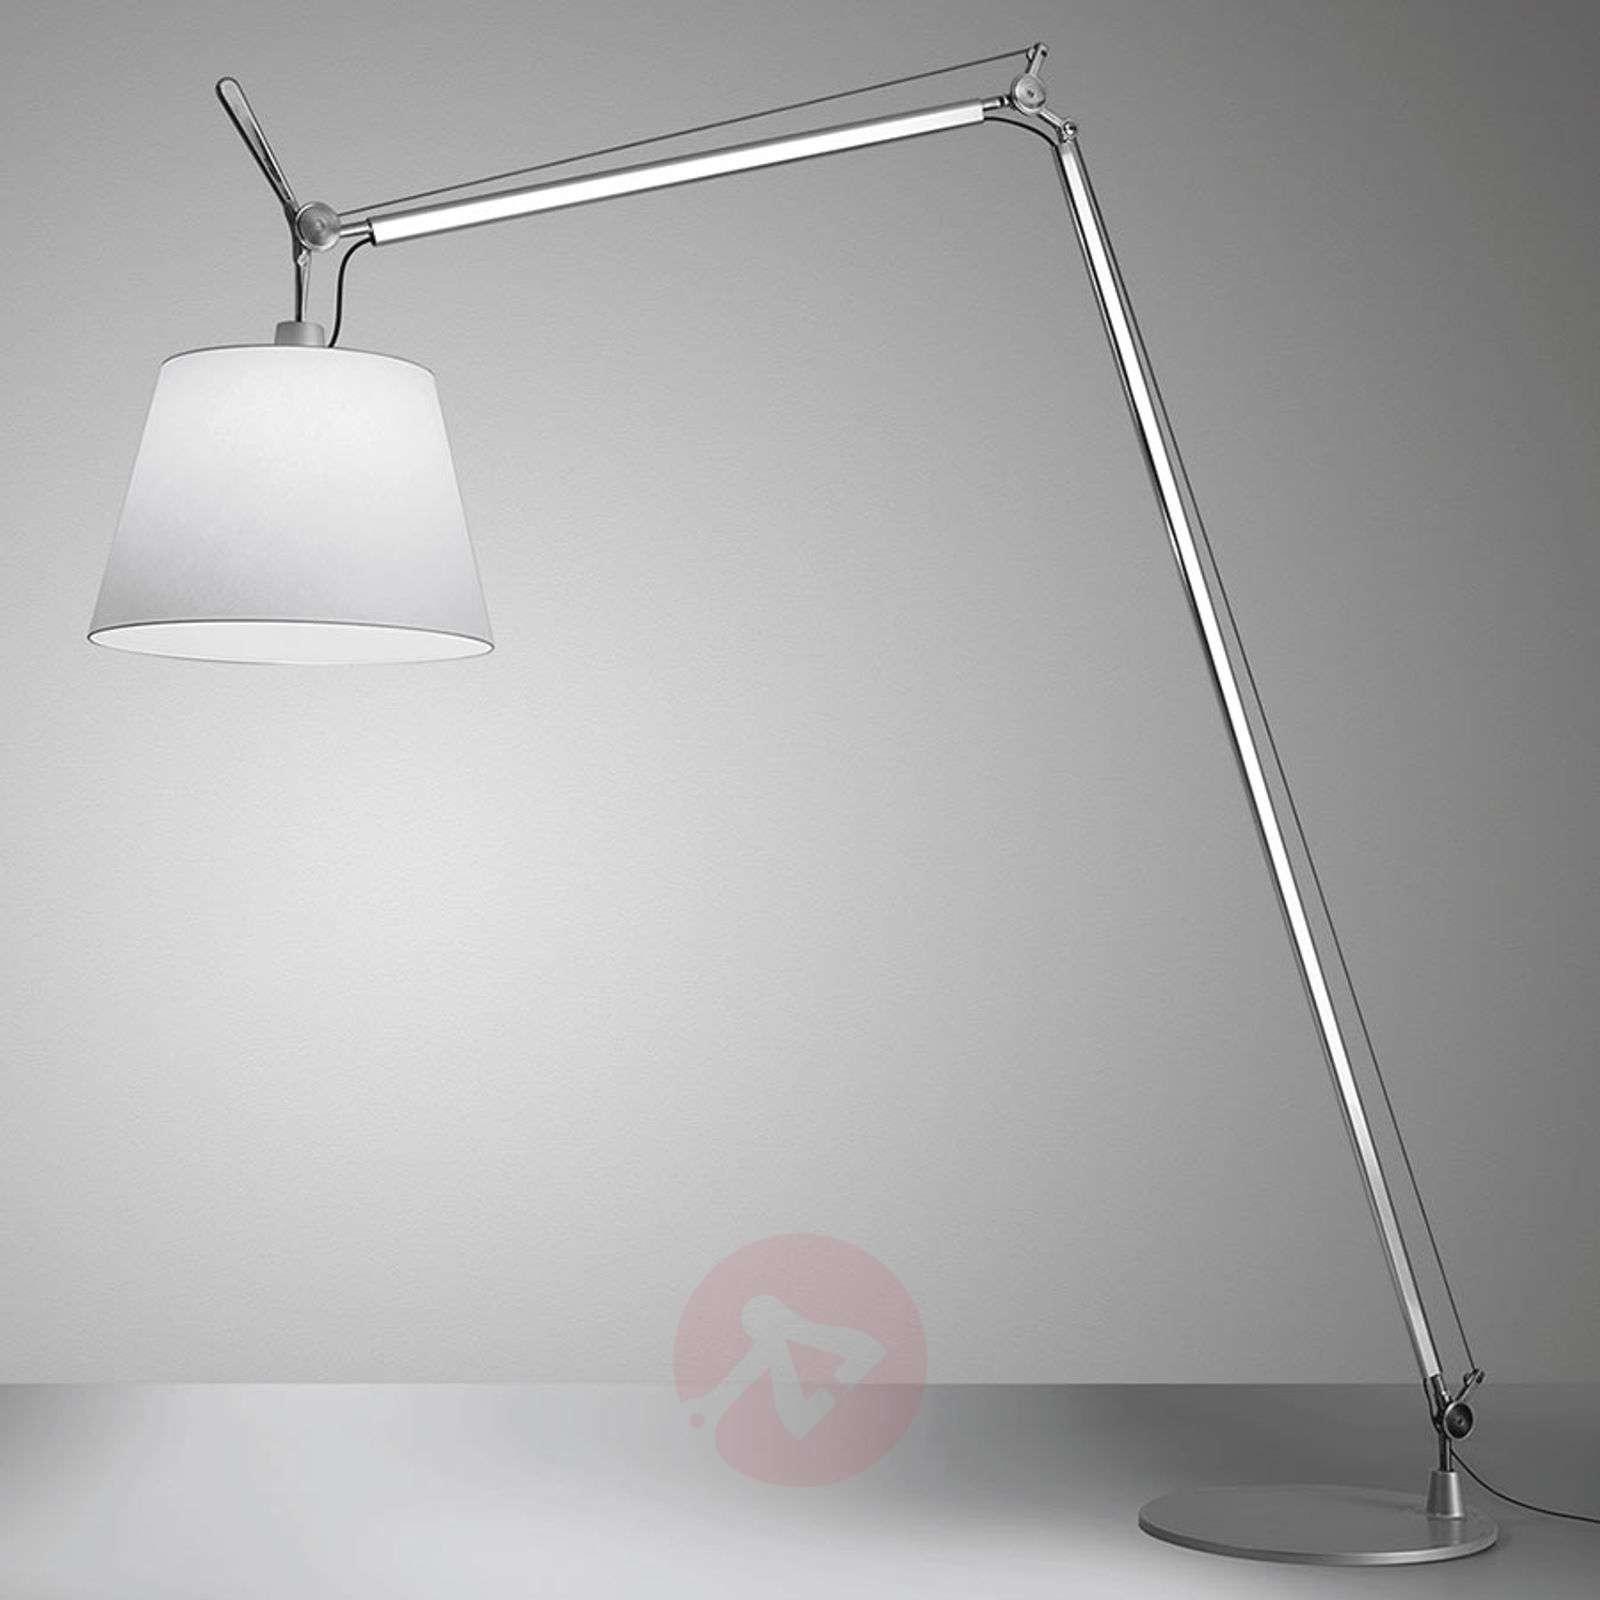 Artemide Tolomeo Maxi-LED-lattiavalaisin-1060115-01